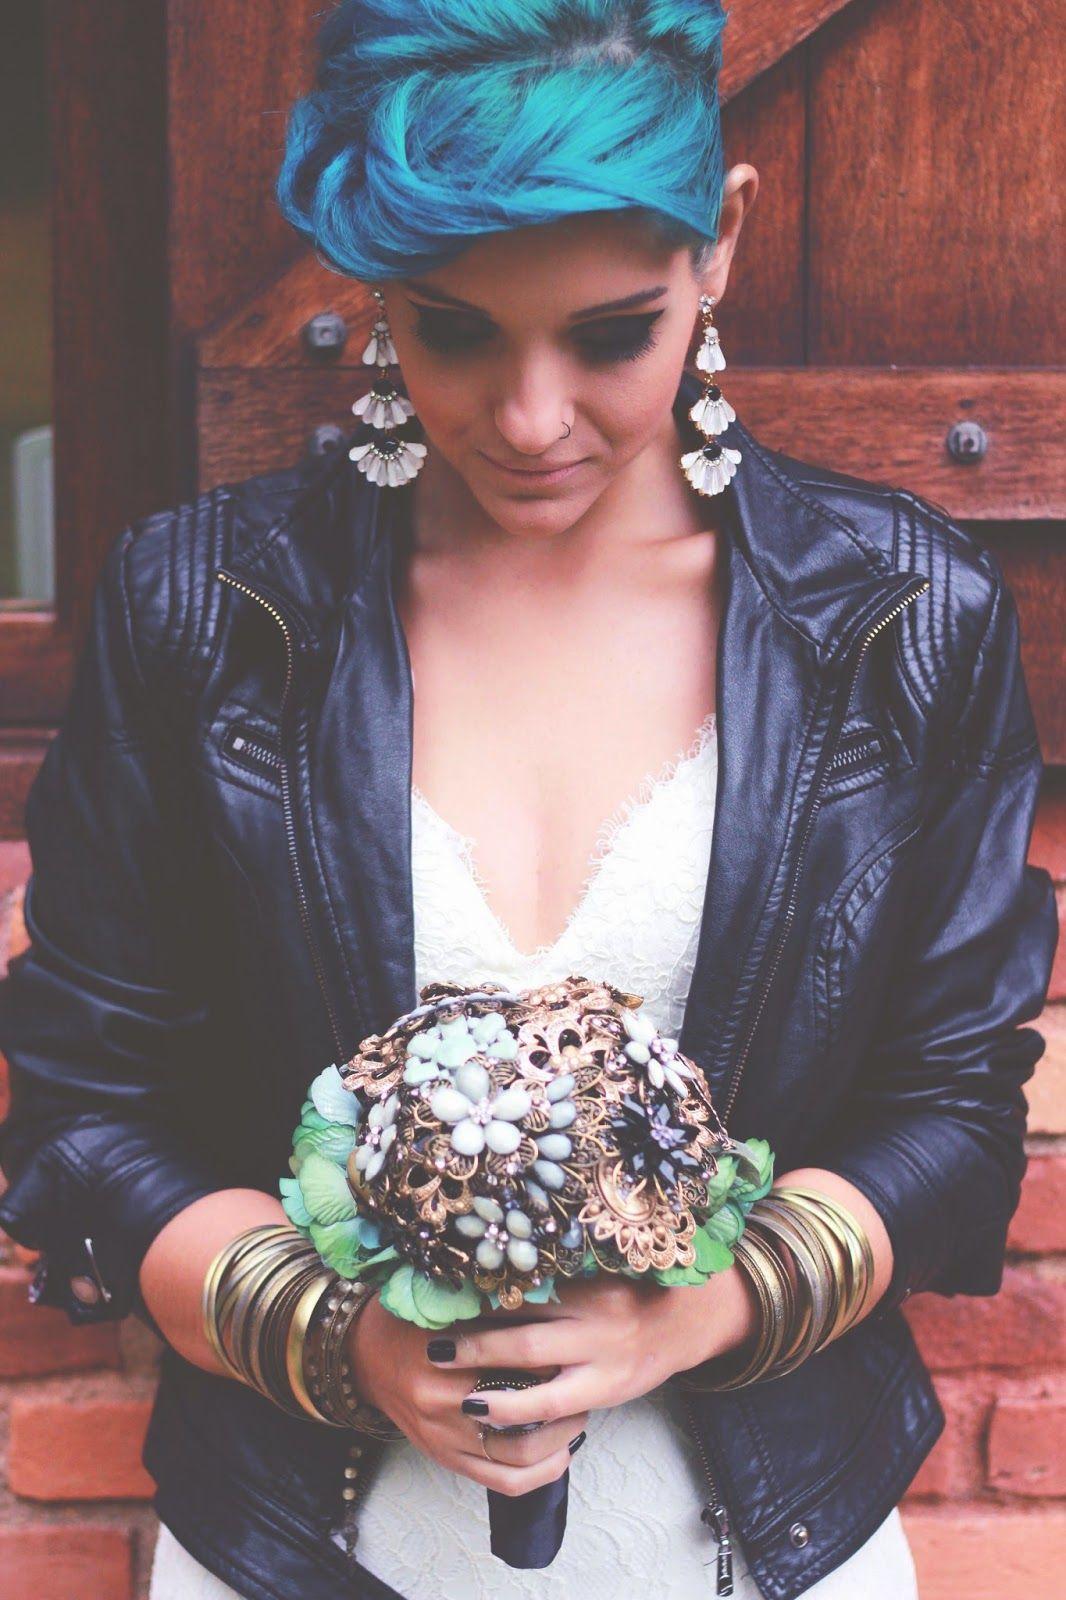 Confira no Bem Me Quer Casar a história de amor de Bia e KK. Um casamento original e único ao fiel estilo Hipster Vintage Rock! www.bemmequercasar.com.br